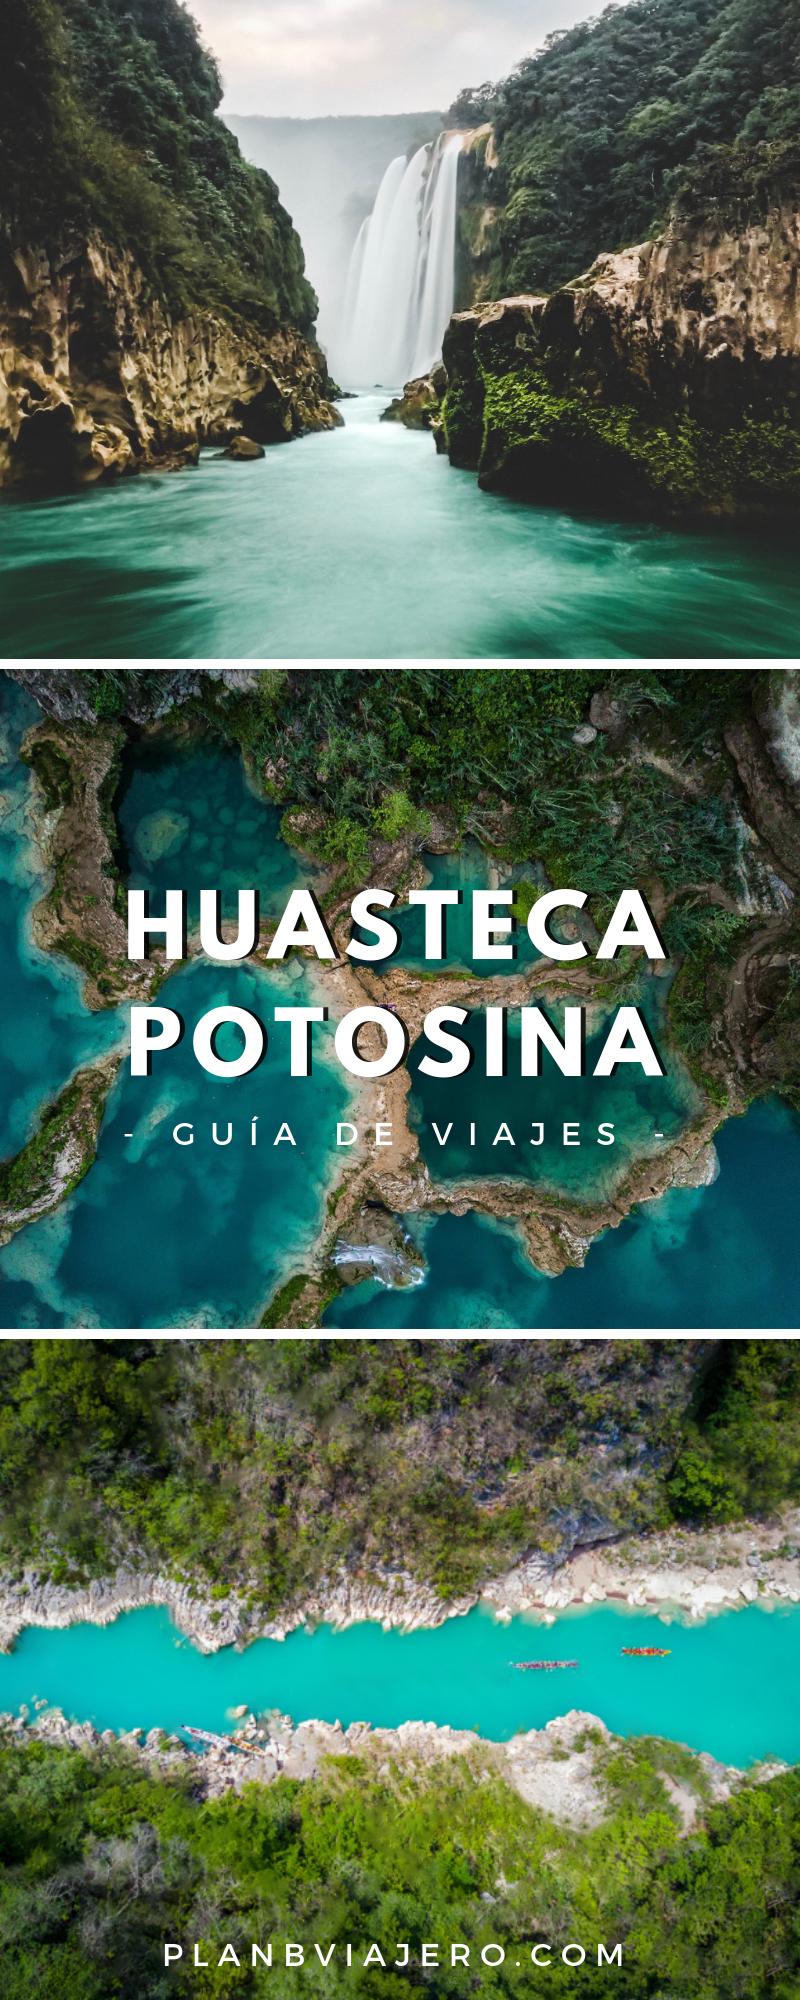 Guía para visitar la Huasteca Potosina